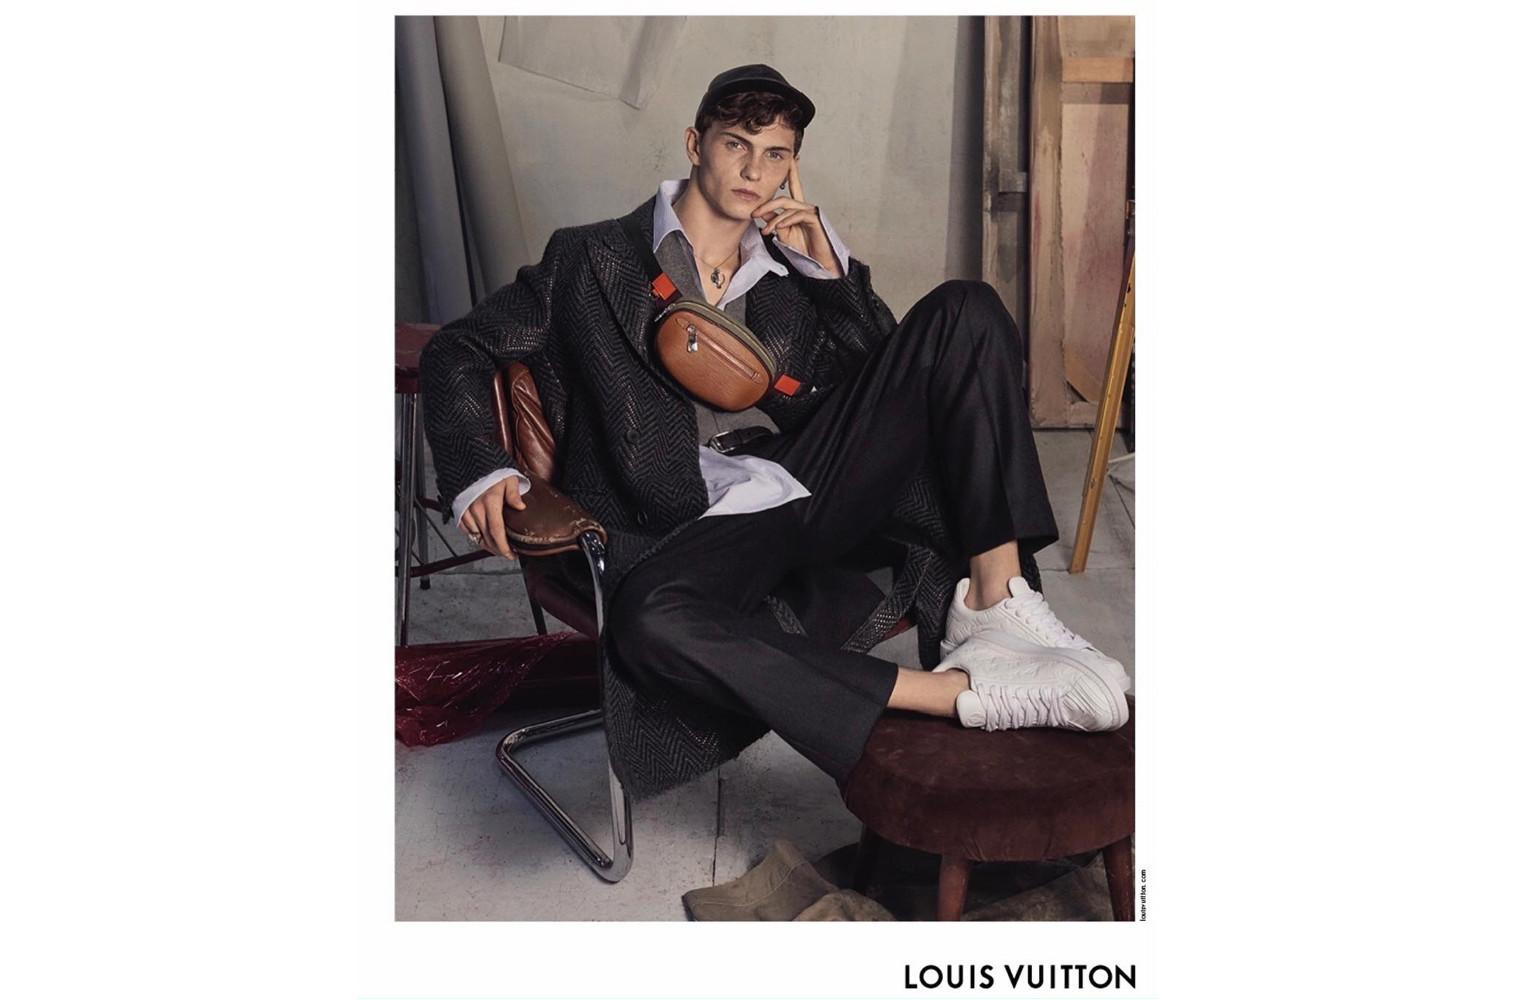 Louis Vuitton FW18 campaign